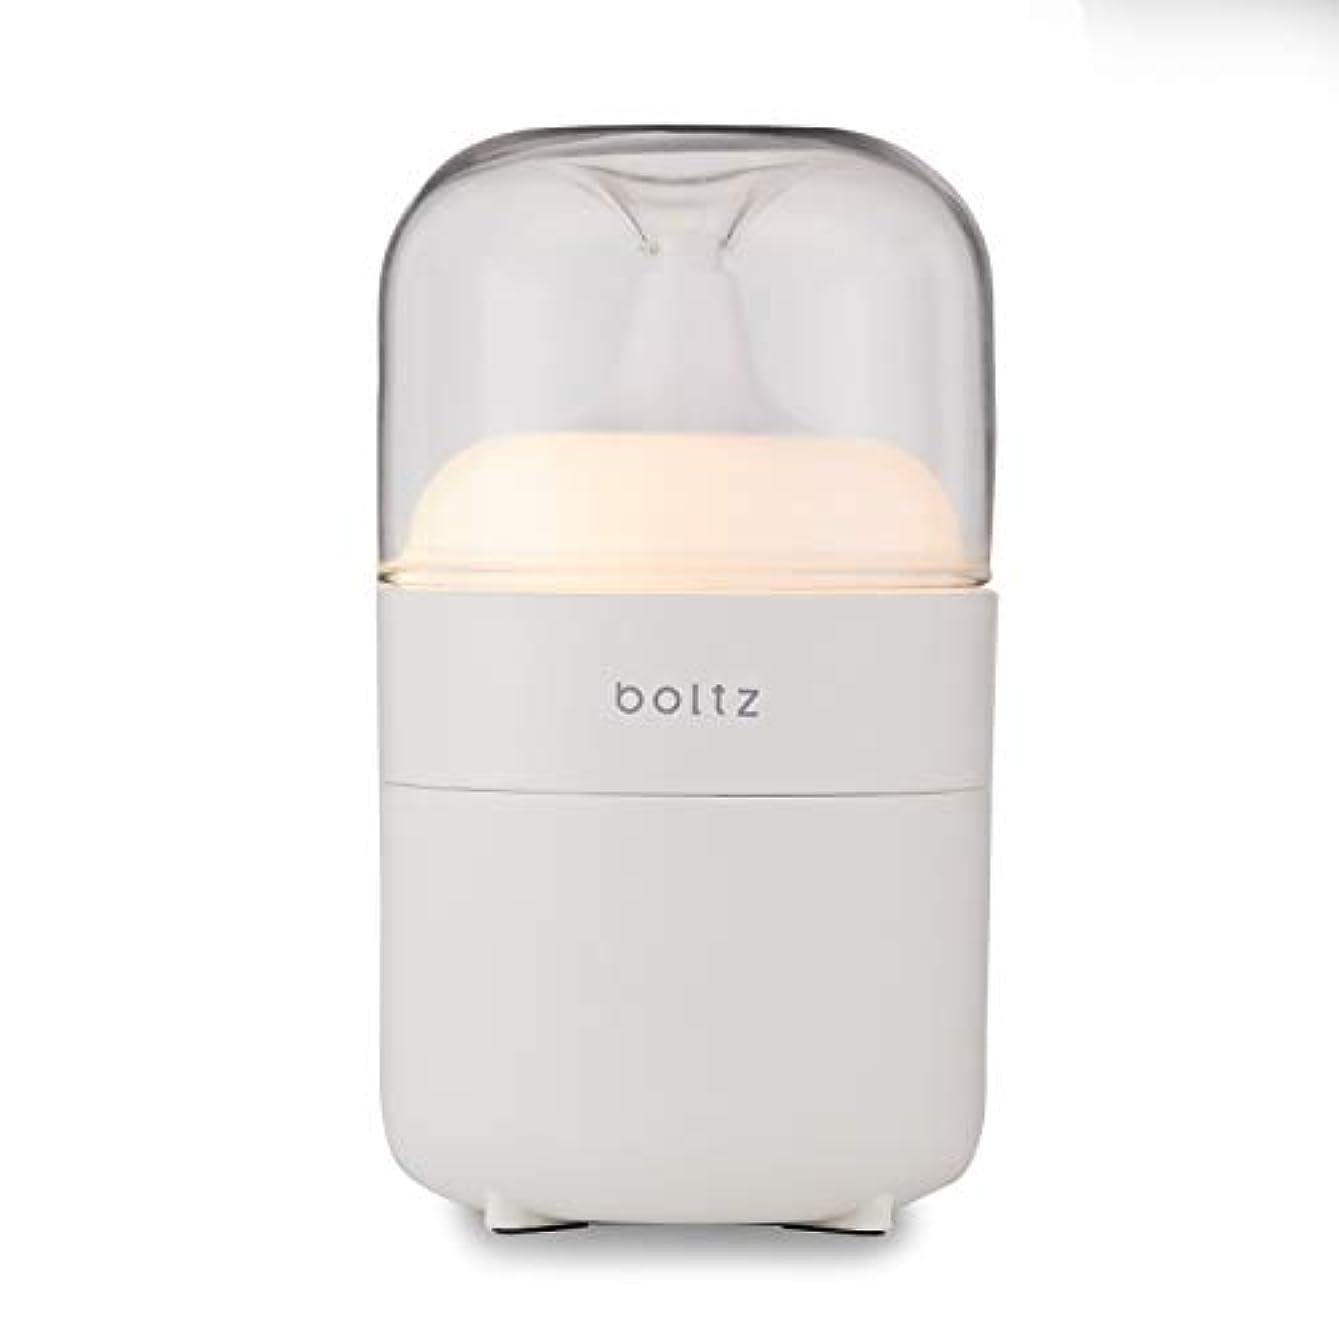 デンプシー寝室を掃除するのぞき穴LOWYA(ロウヤ) boltz アロマディフューザー ネプライザー式 アロマオイル対応 間接照明 おしゃれ USB対応